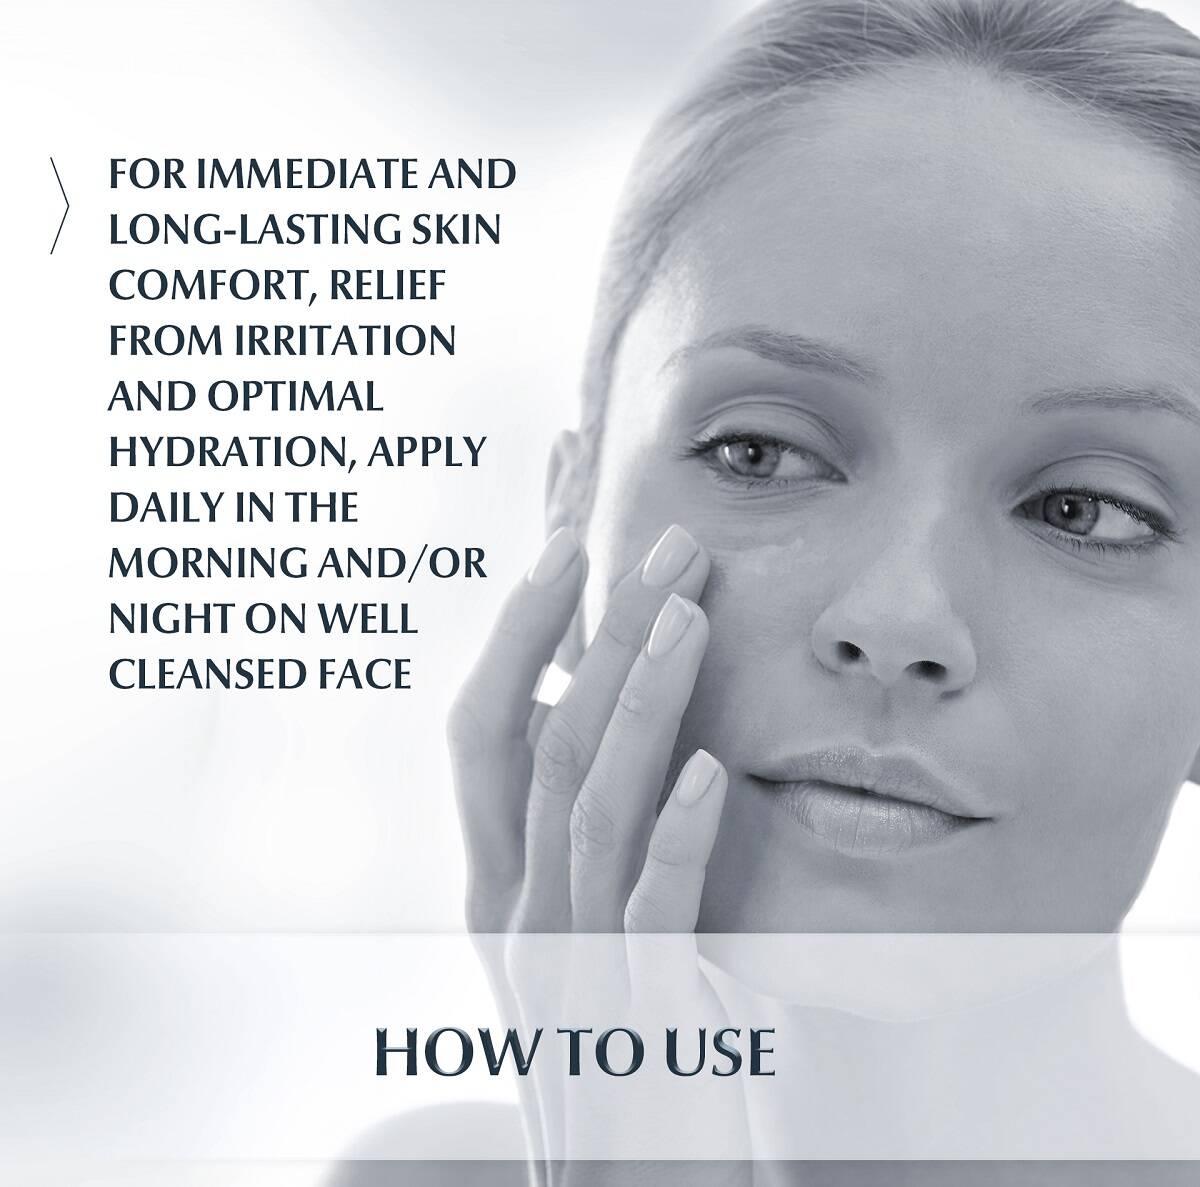 کرم مرطوب کننده پوست آسیب دیده و بسیار حساس اوسرین مدل UltraSENSITIVE | ضد حساسیت آبرسان ترمیم کننده پوست خشک Eucerin Soothing Care